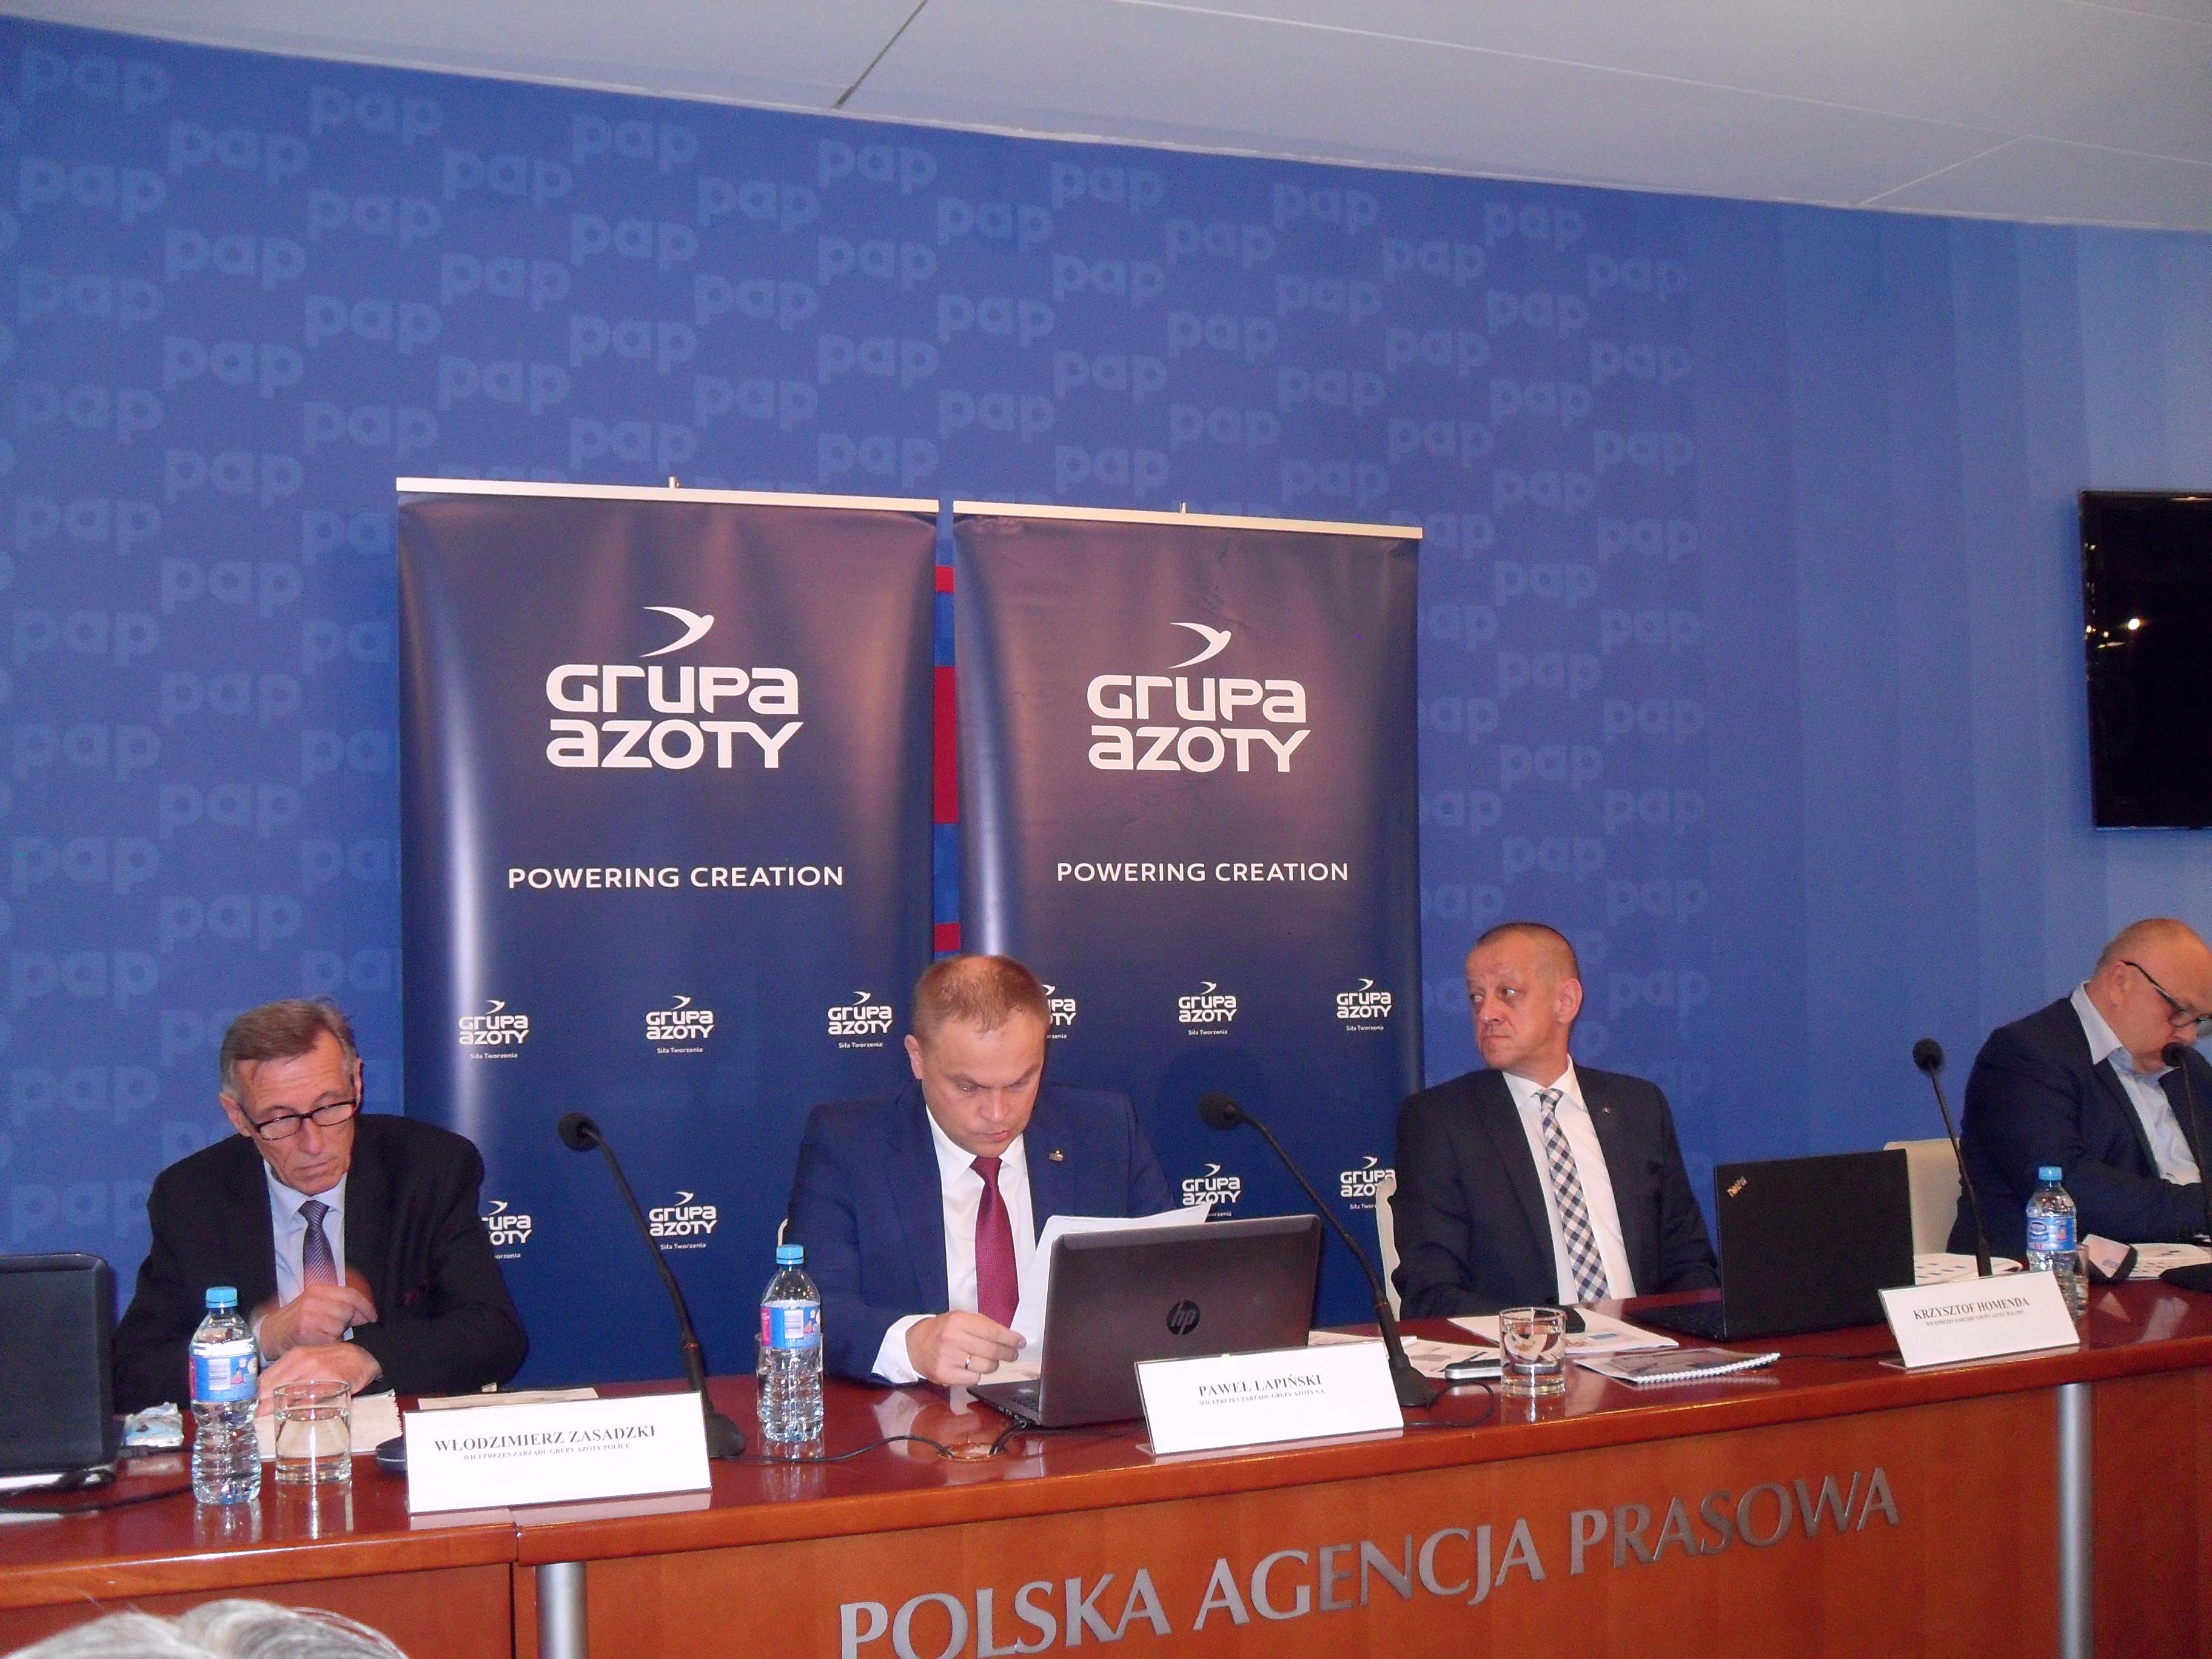 Konferencja prasowa Grupy Azoty